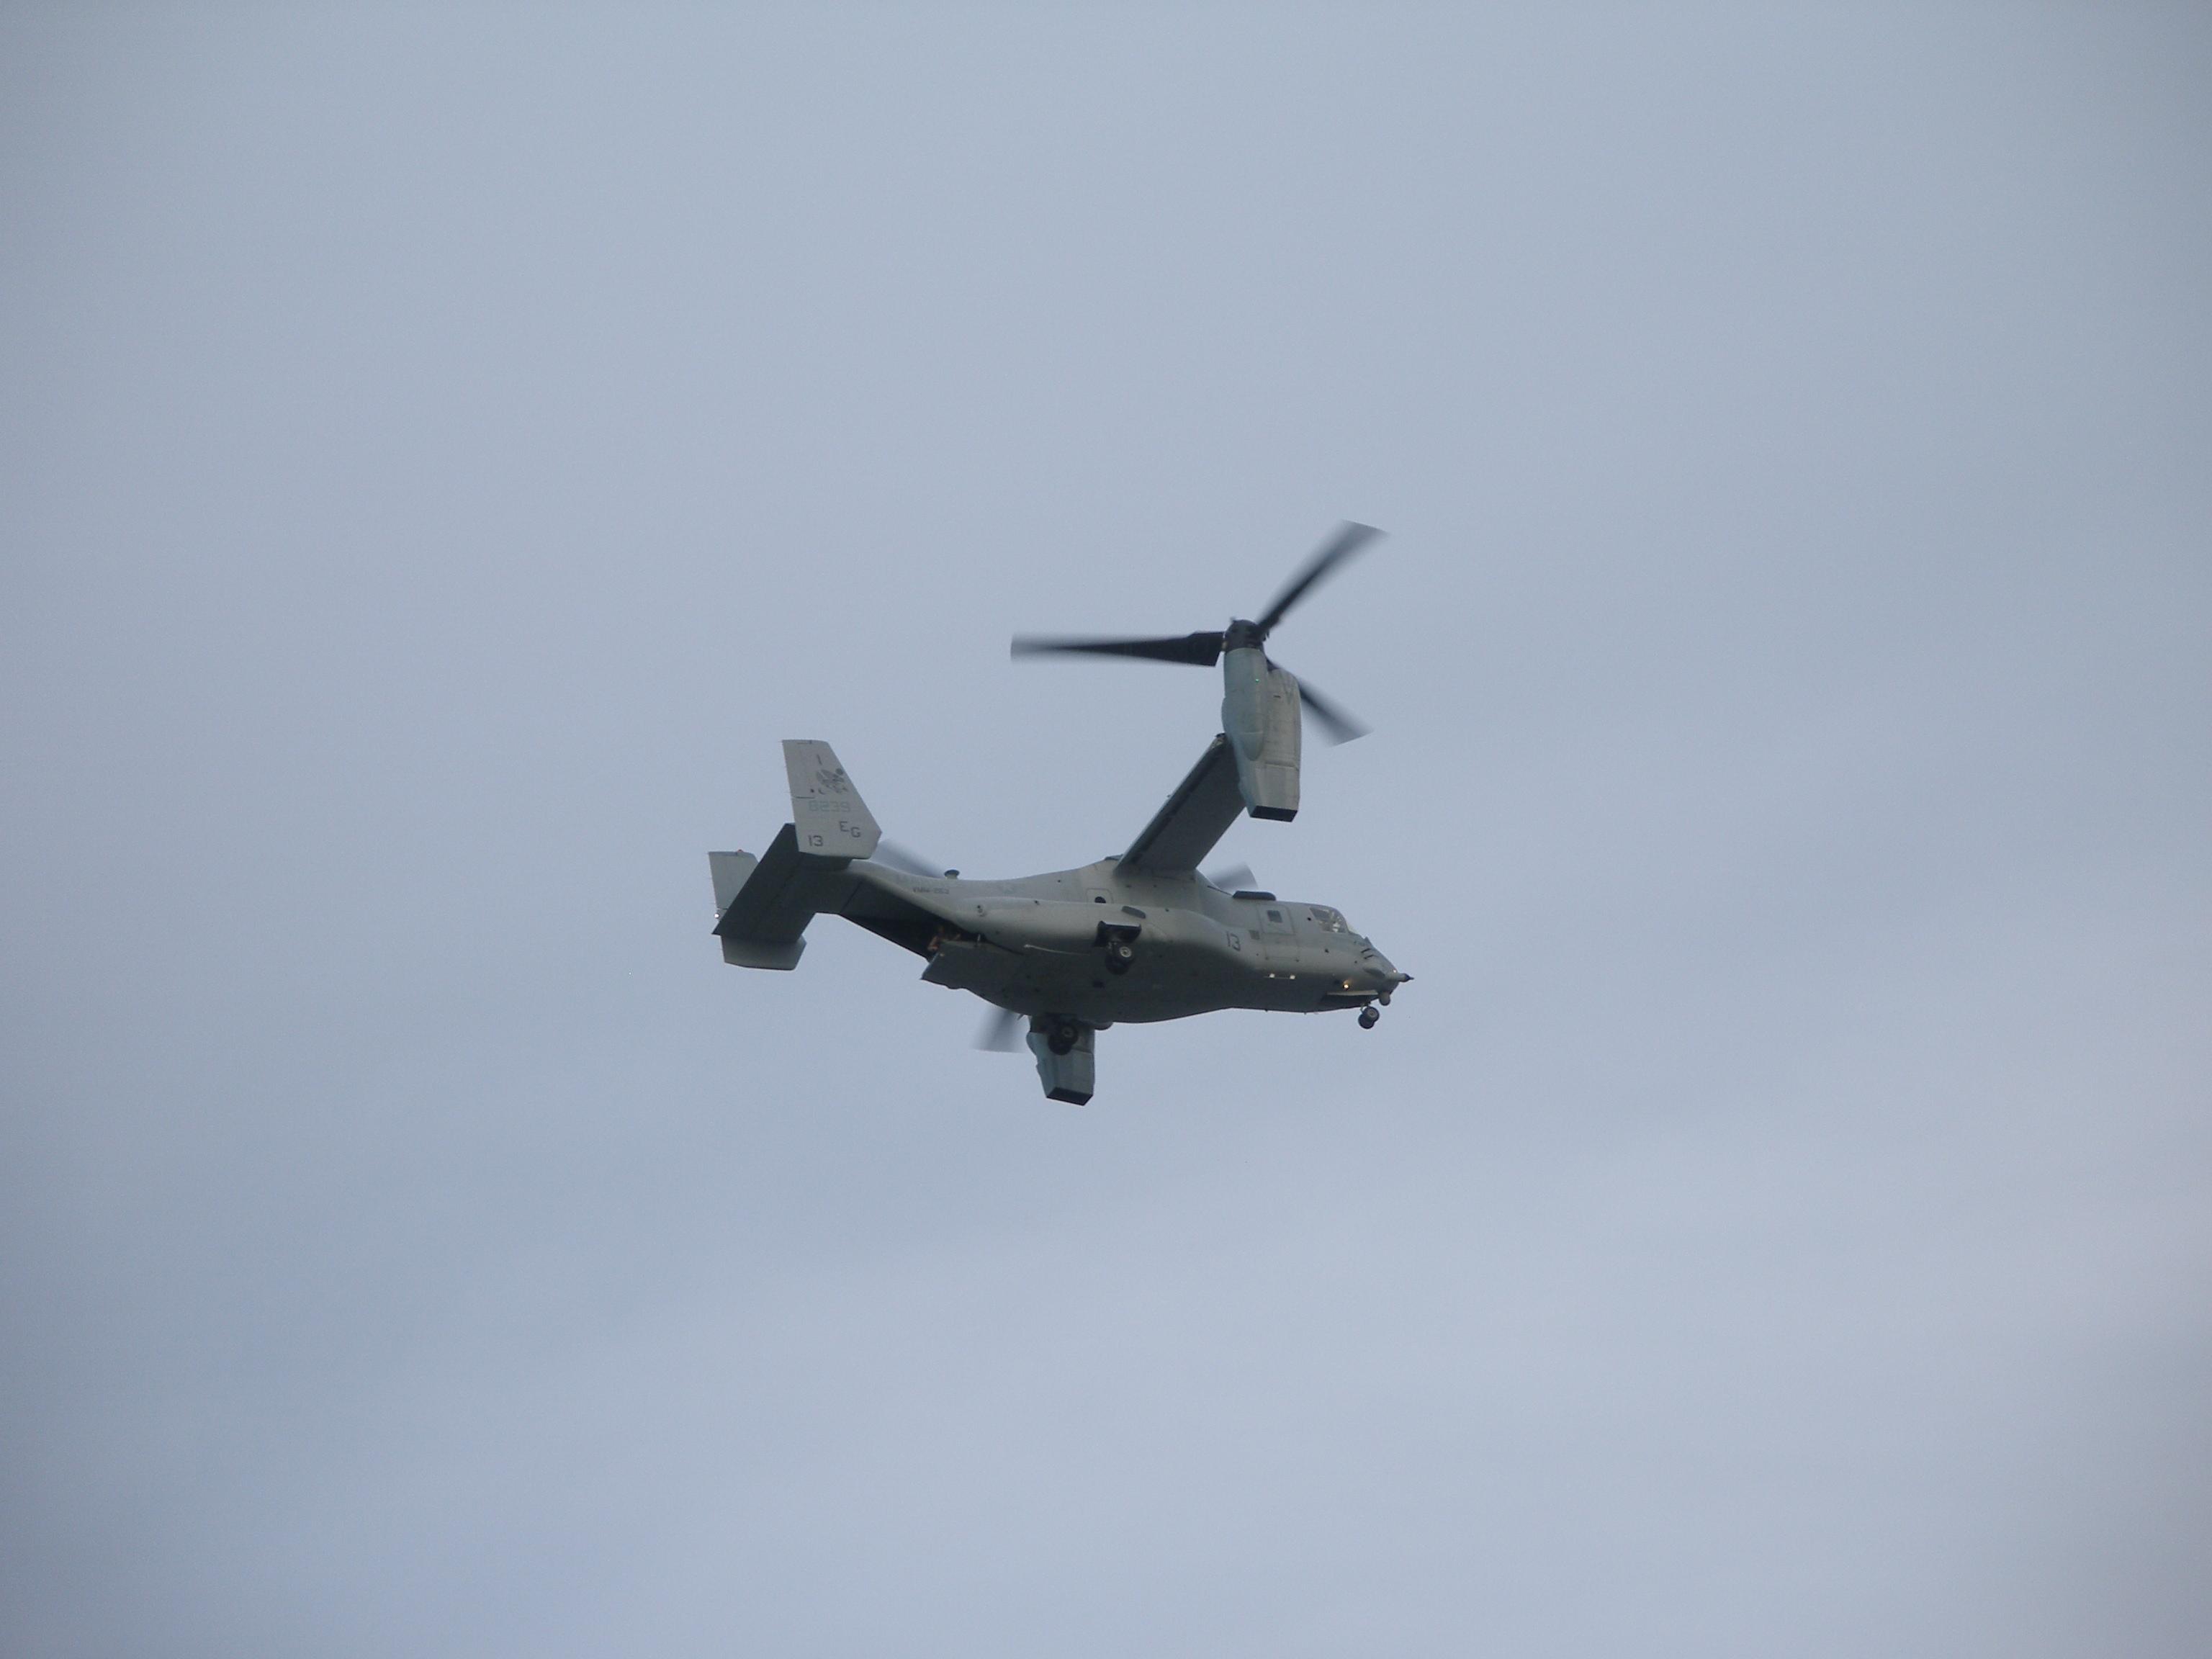 bell v 22 osprey - photo #17